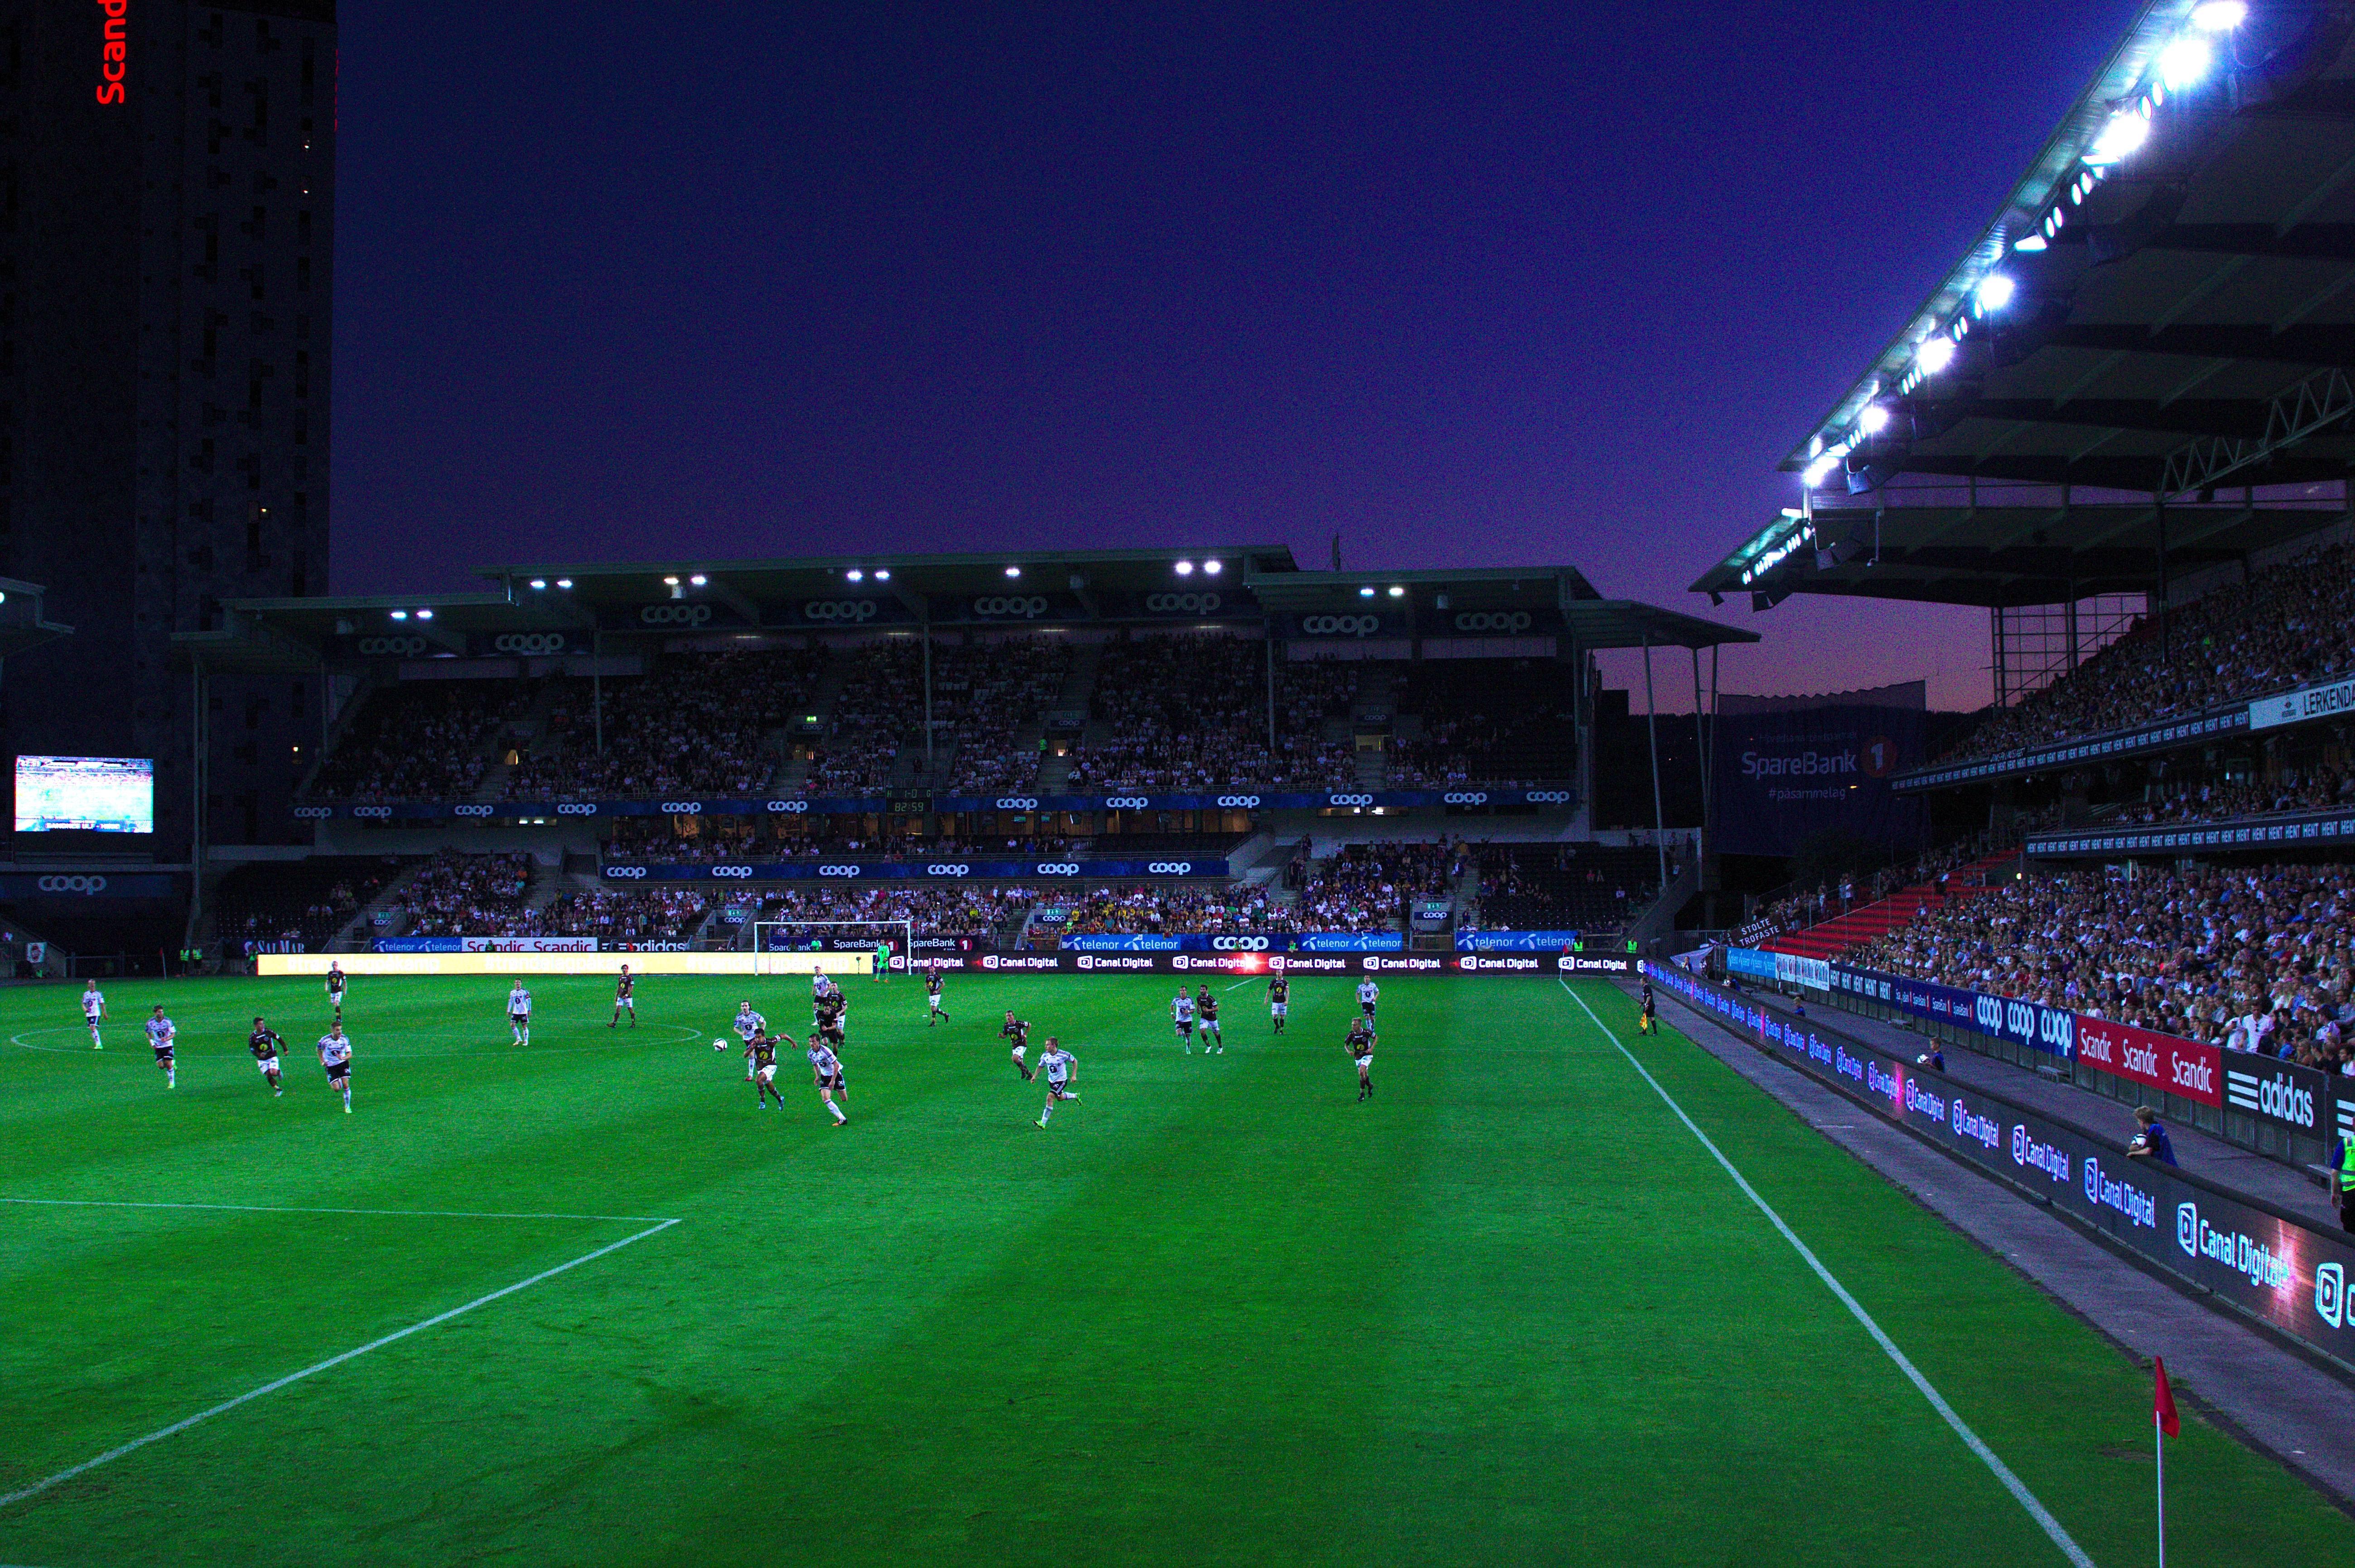 Futebol ao vivo: Acompanhe a copa do mundo ao vivo online